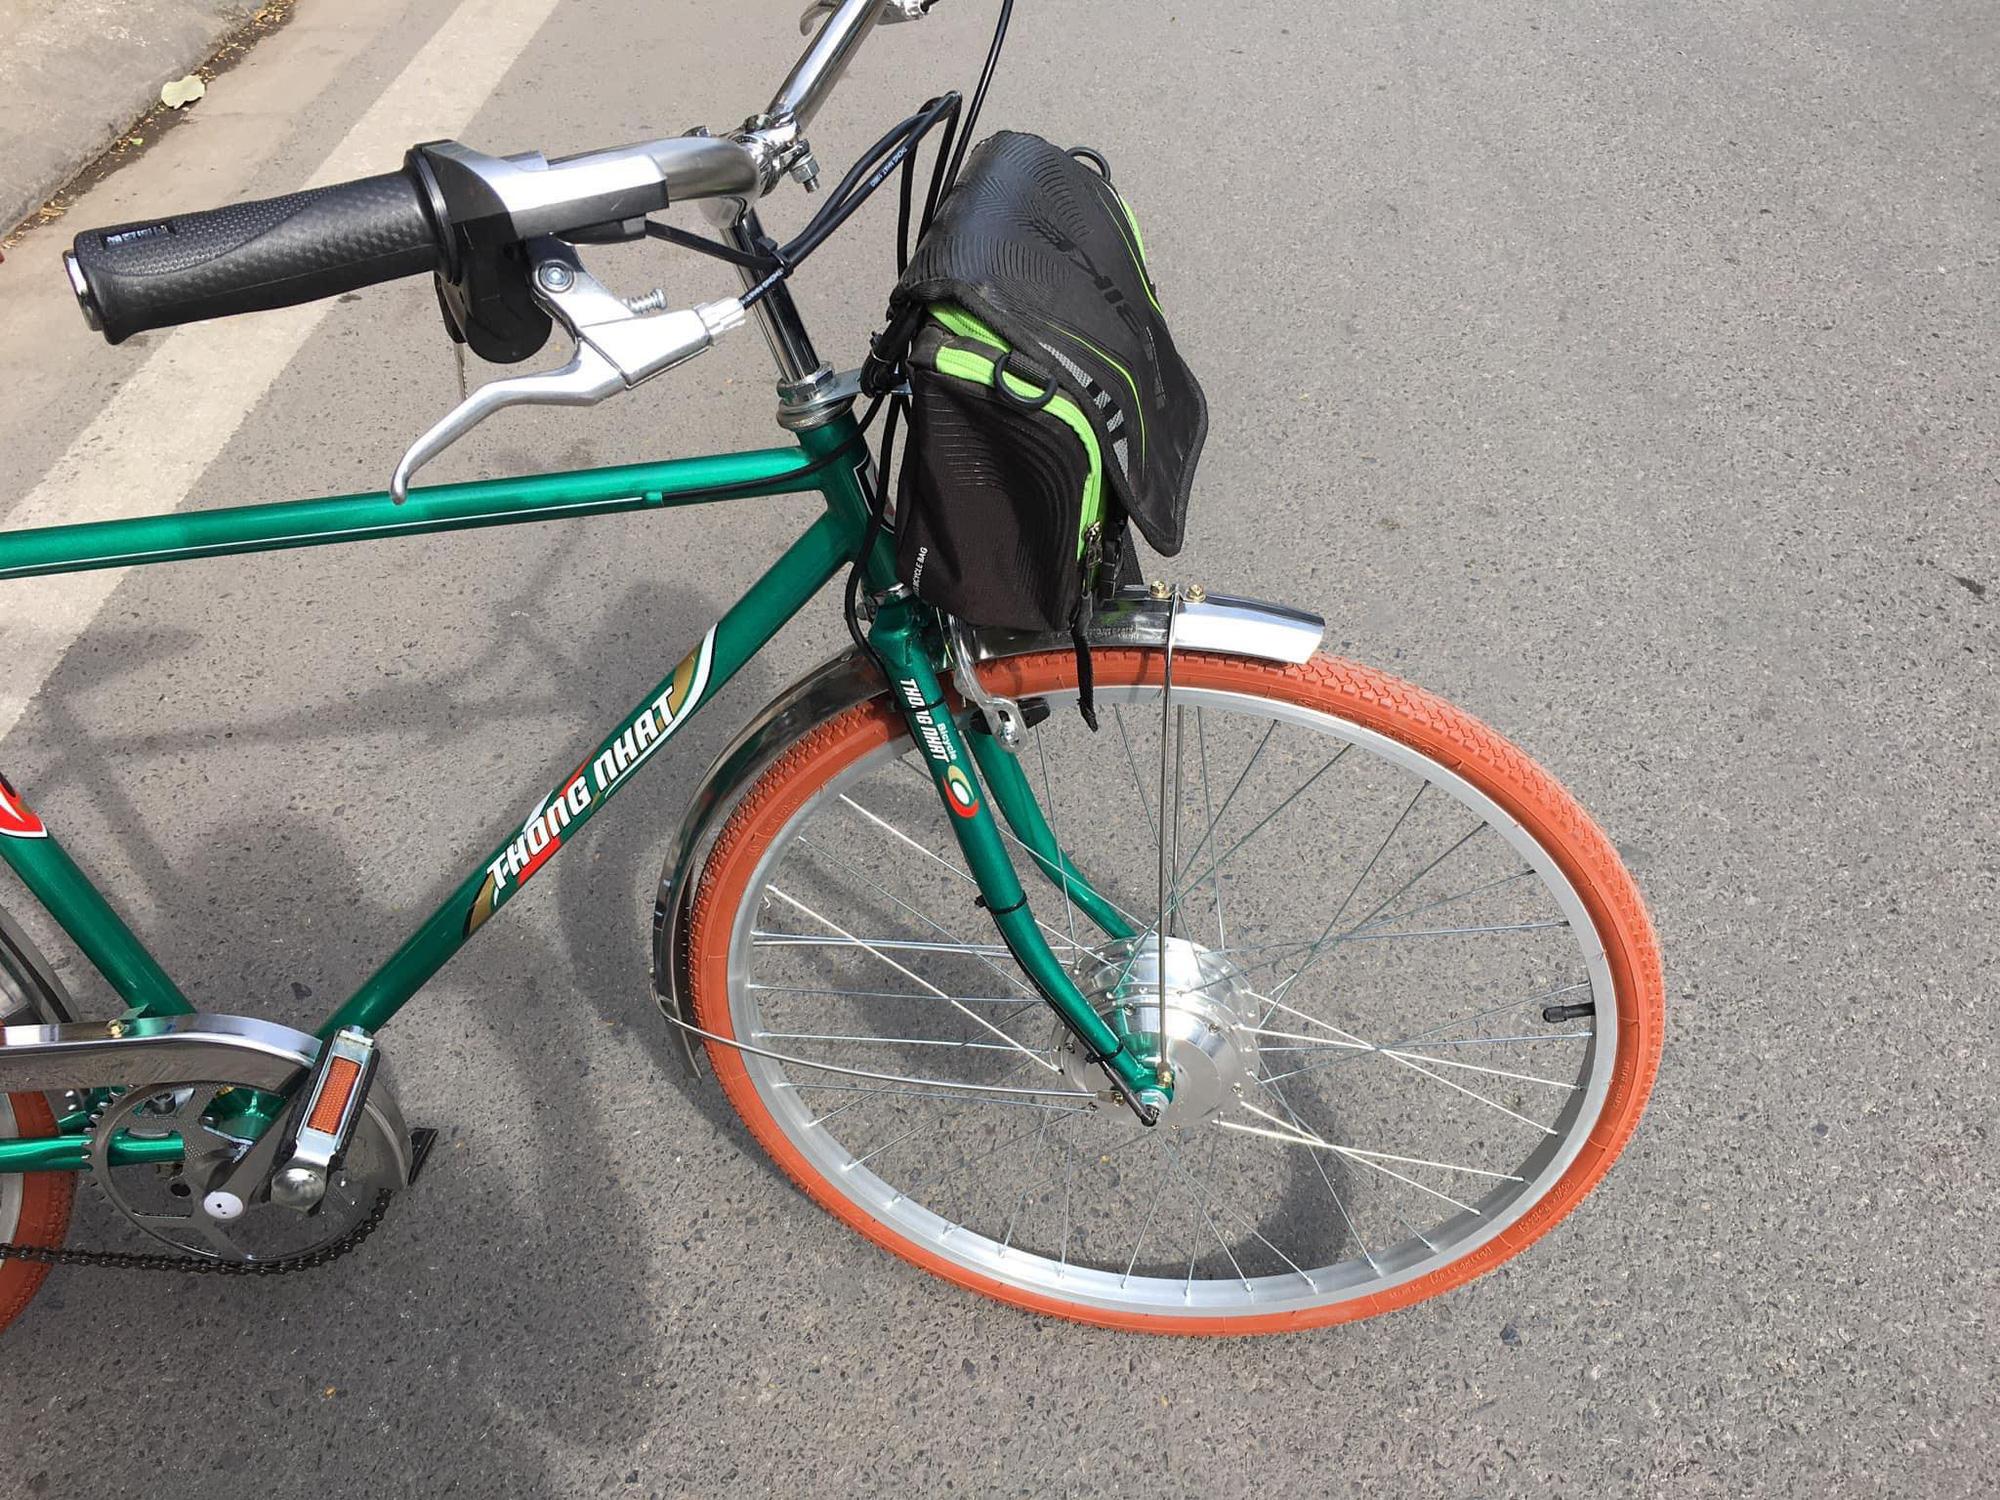 """Dân Hà Nội rộ mốt """"độ"""" xe đạp trợ lực điện, chạy vèo vèo đi làm, dạo phố - Ảnh 9."""